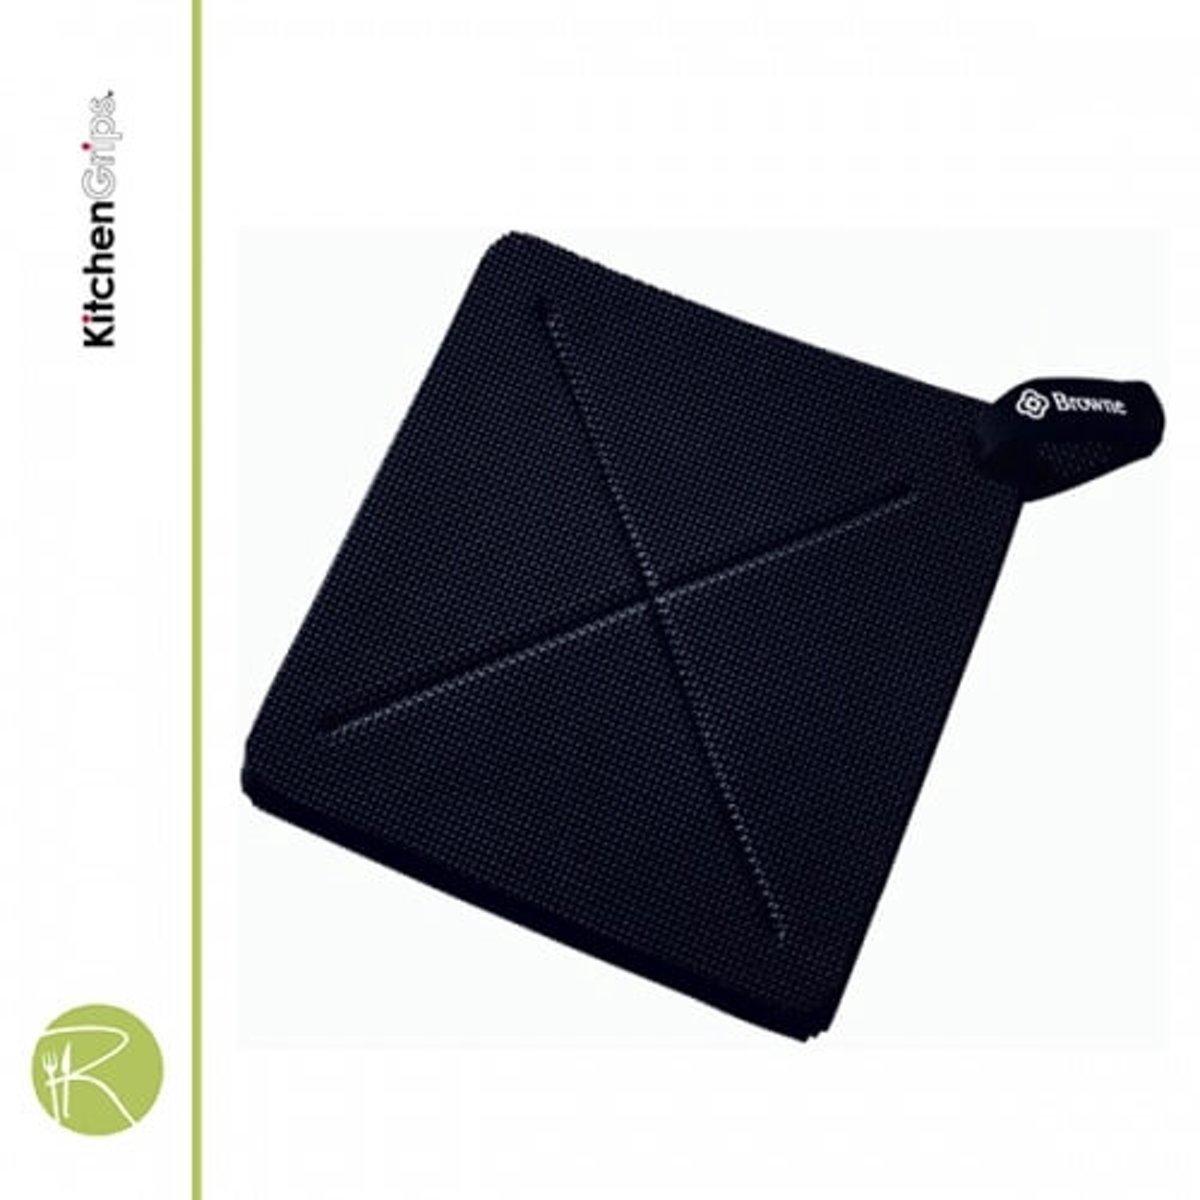 Pannenlap / onderzetter Horeca FLXaPrene - Vierkant 25 x 25 cm, Zwart - Kitchengrips kopen